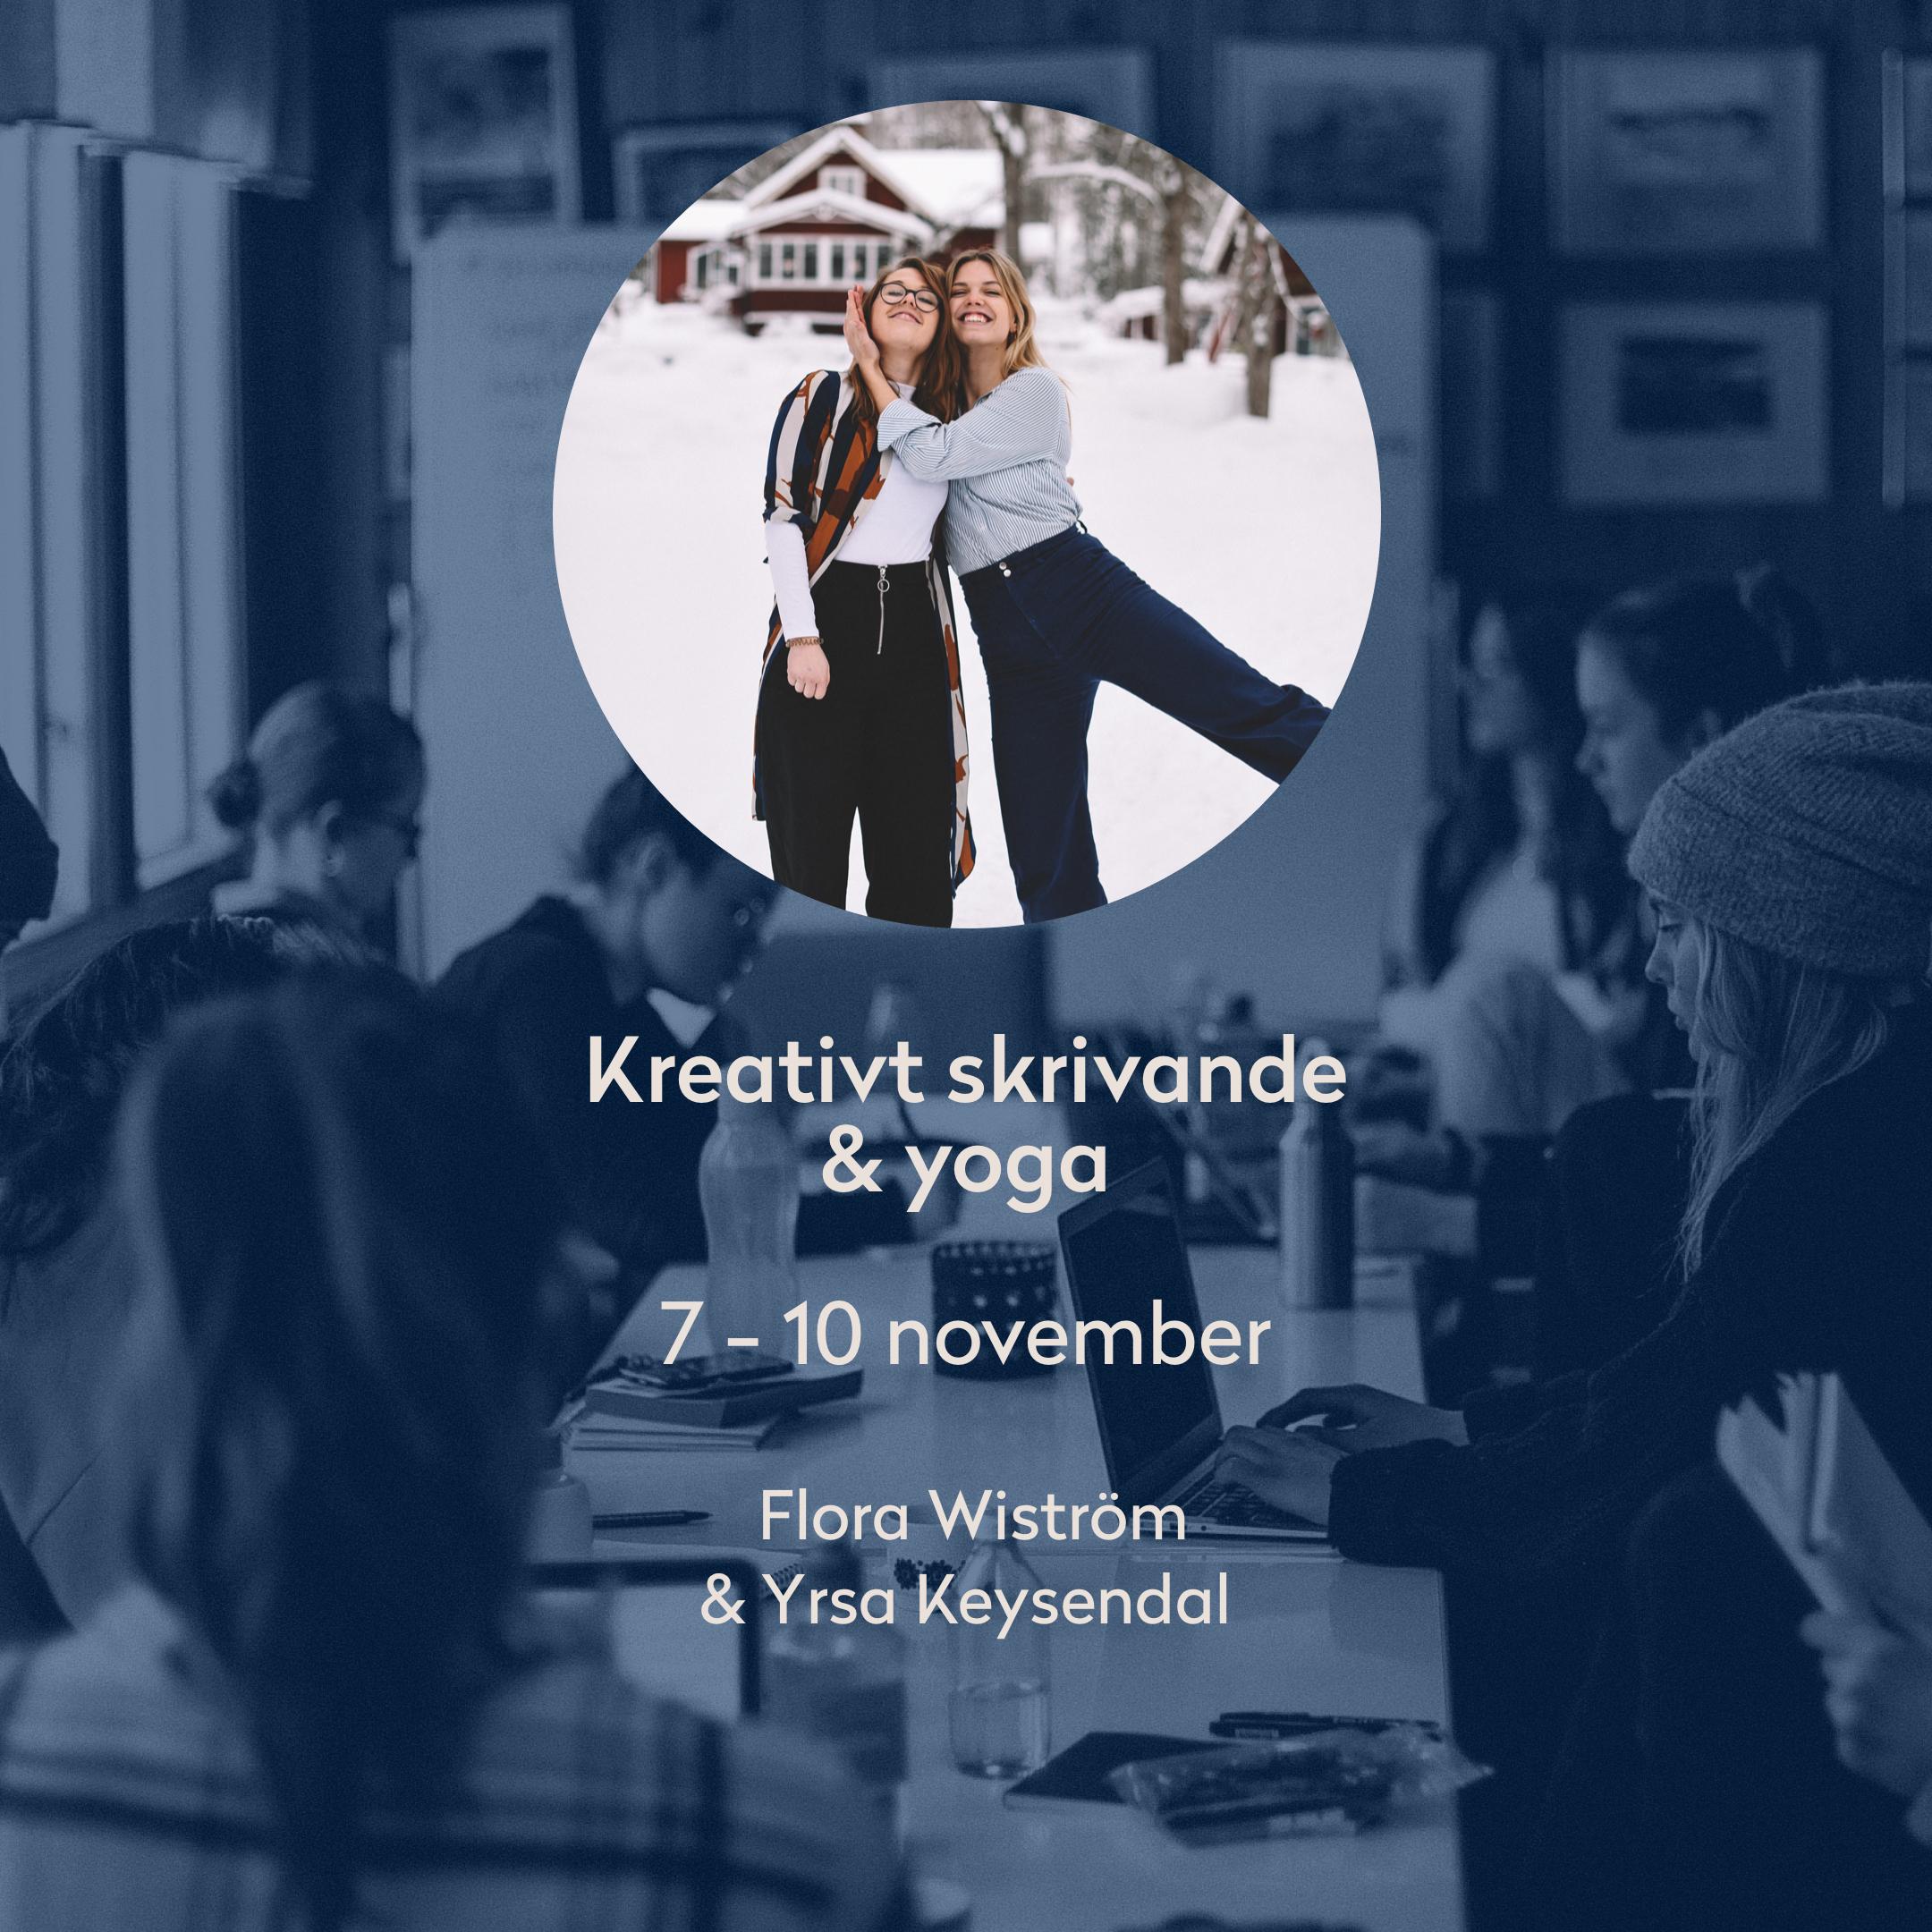 Kreativt retreat - November - Den 7-10 november kör vi vårt 6e kreativa retreat med författarduon Flora Wiström och Yrsa Keysendal. Det kommer pratas gestaltning, dialog och dramaturgi och ge en mängd olika skrivövningar. Det kommer även pratas om hur man kan leva ett skrivande liv – vare sig det är att bli utgiven författare eller skriva för att komma ikapp sig själv. Och för att neutralisera huvudet kommer vi dyka in i våra kroppar med yogan och meditationen som verktyg.Läs mer om retreatet här